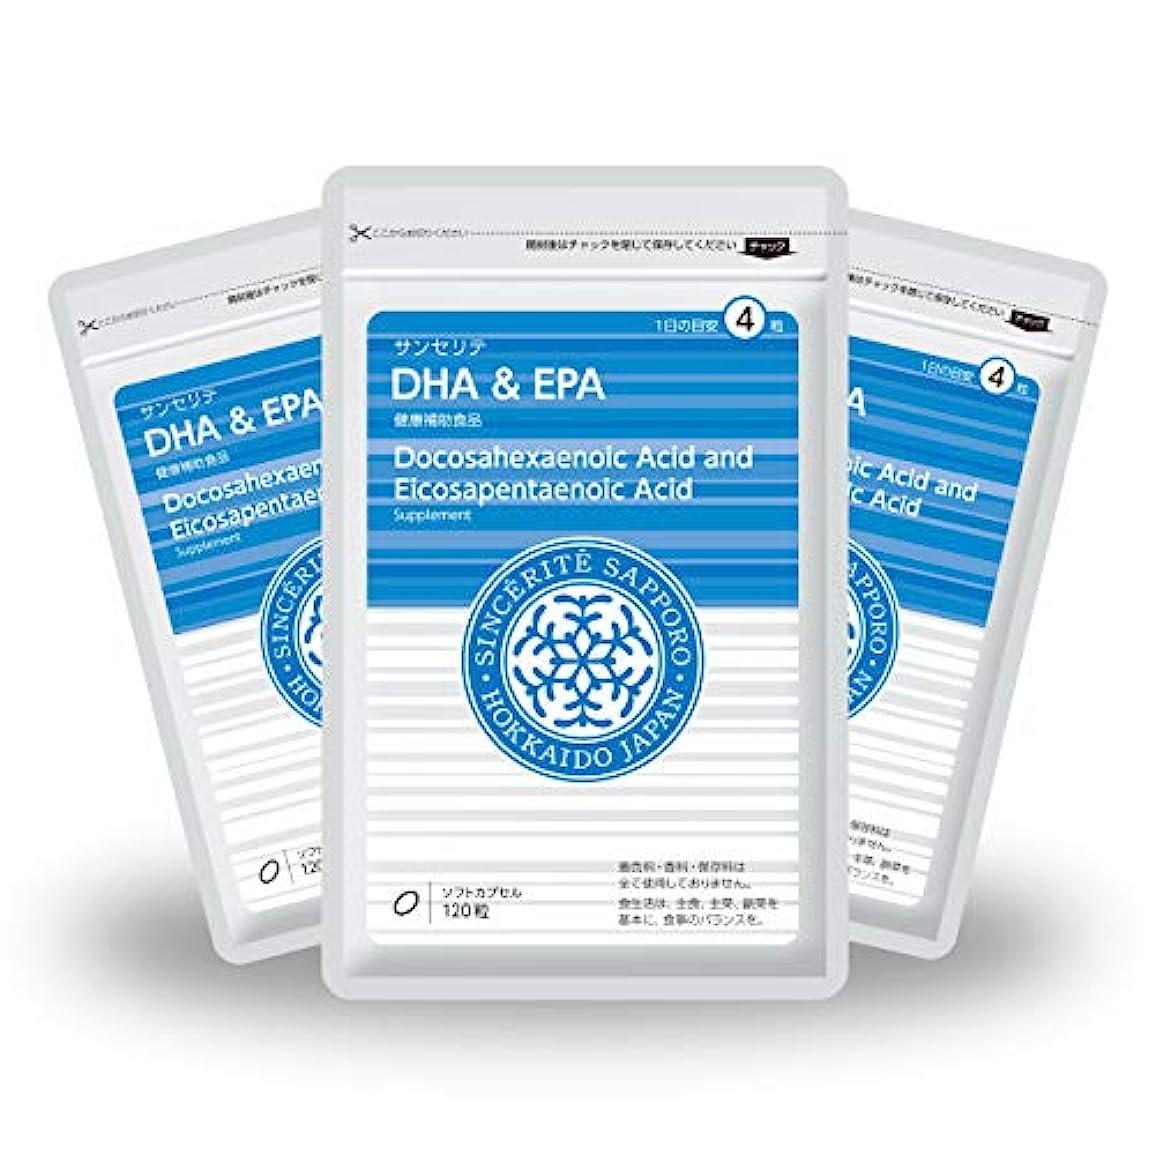 わずかな世論調査注入するDHA&EPA 3袋セット[送料無料][DHA]433mg配合[国内製造]お得な★90日分